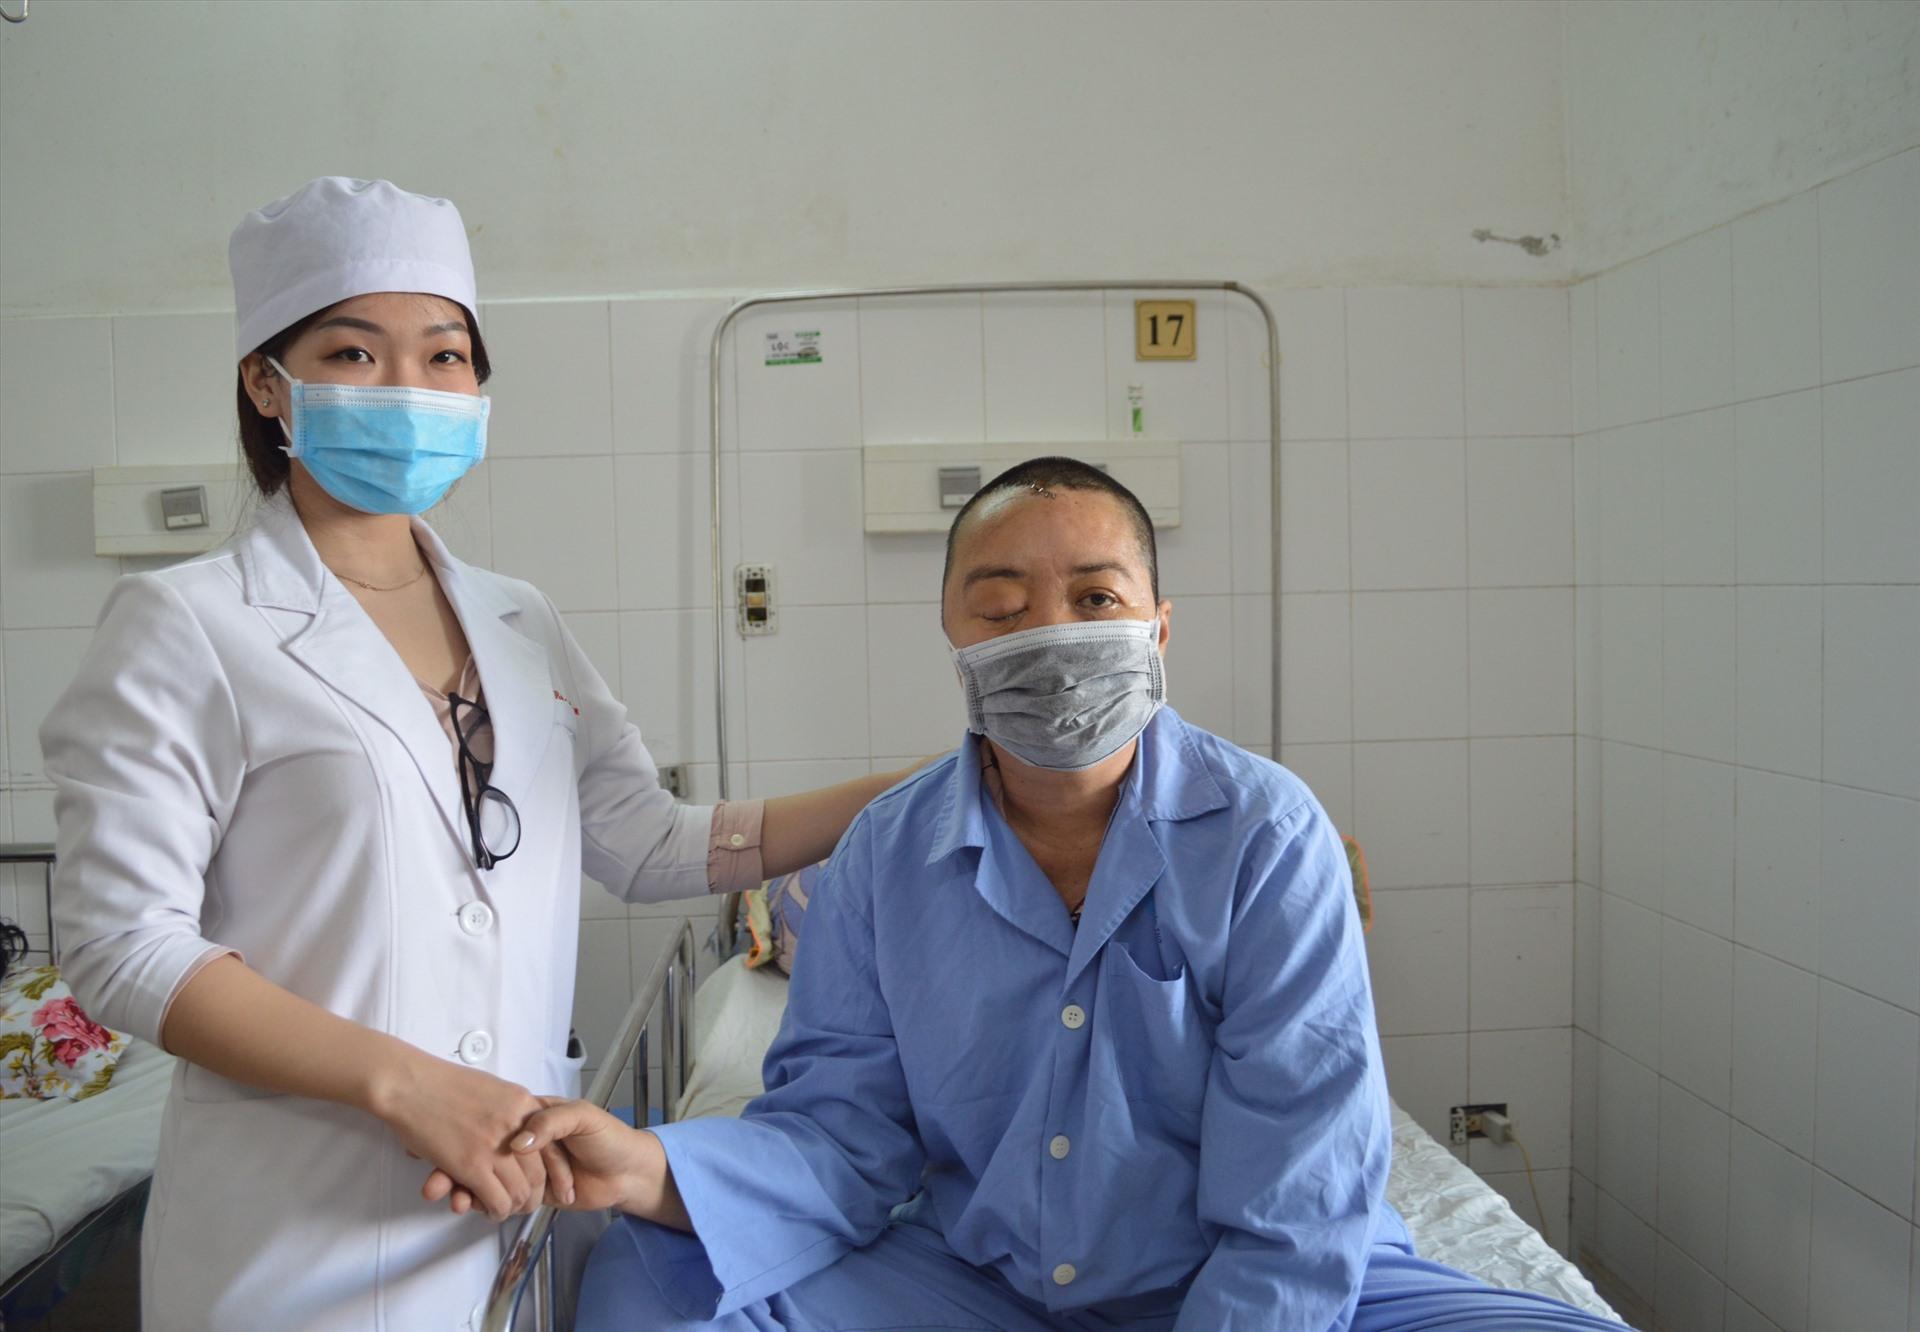 Hiện tại sức khỏe bệnh nhân đã được ổn định. Ảnh: Bệnh viện cung cấp.